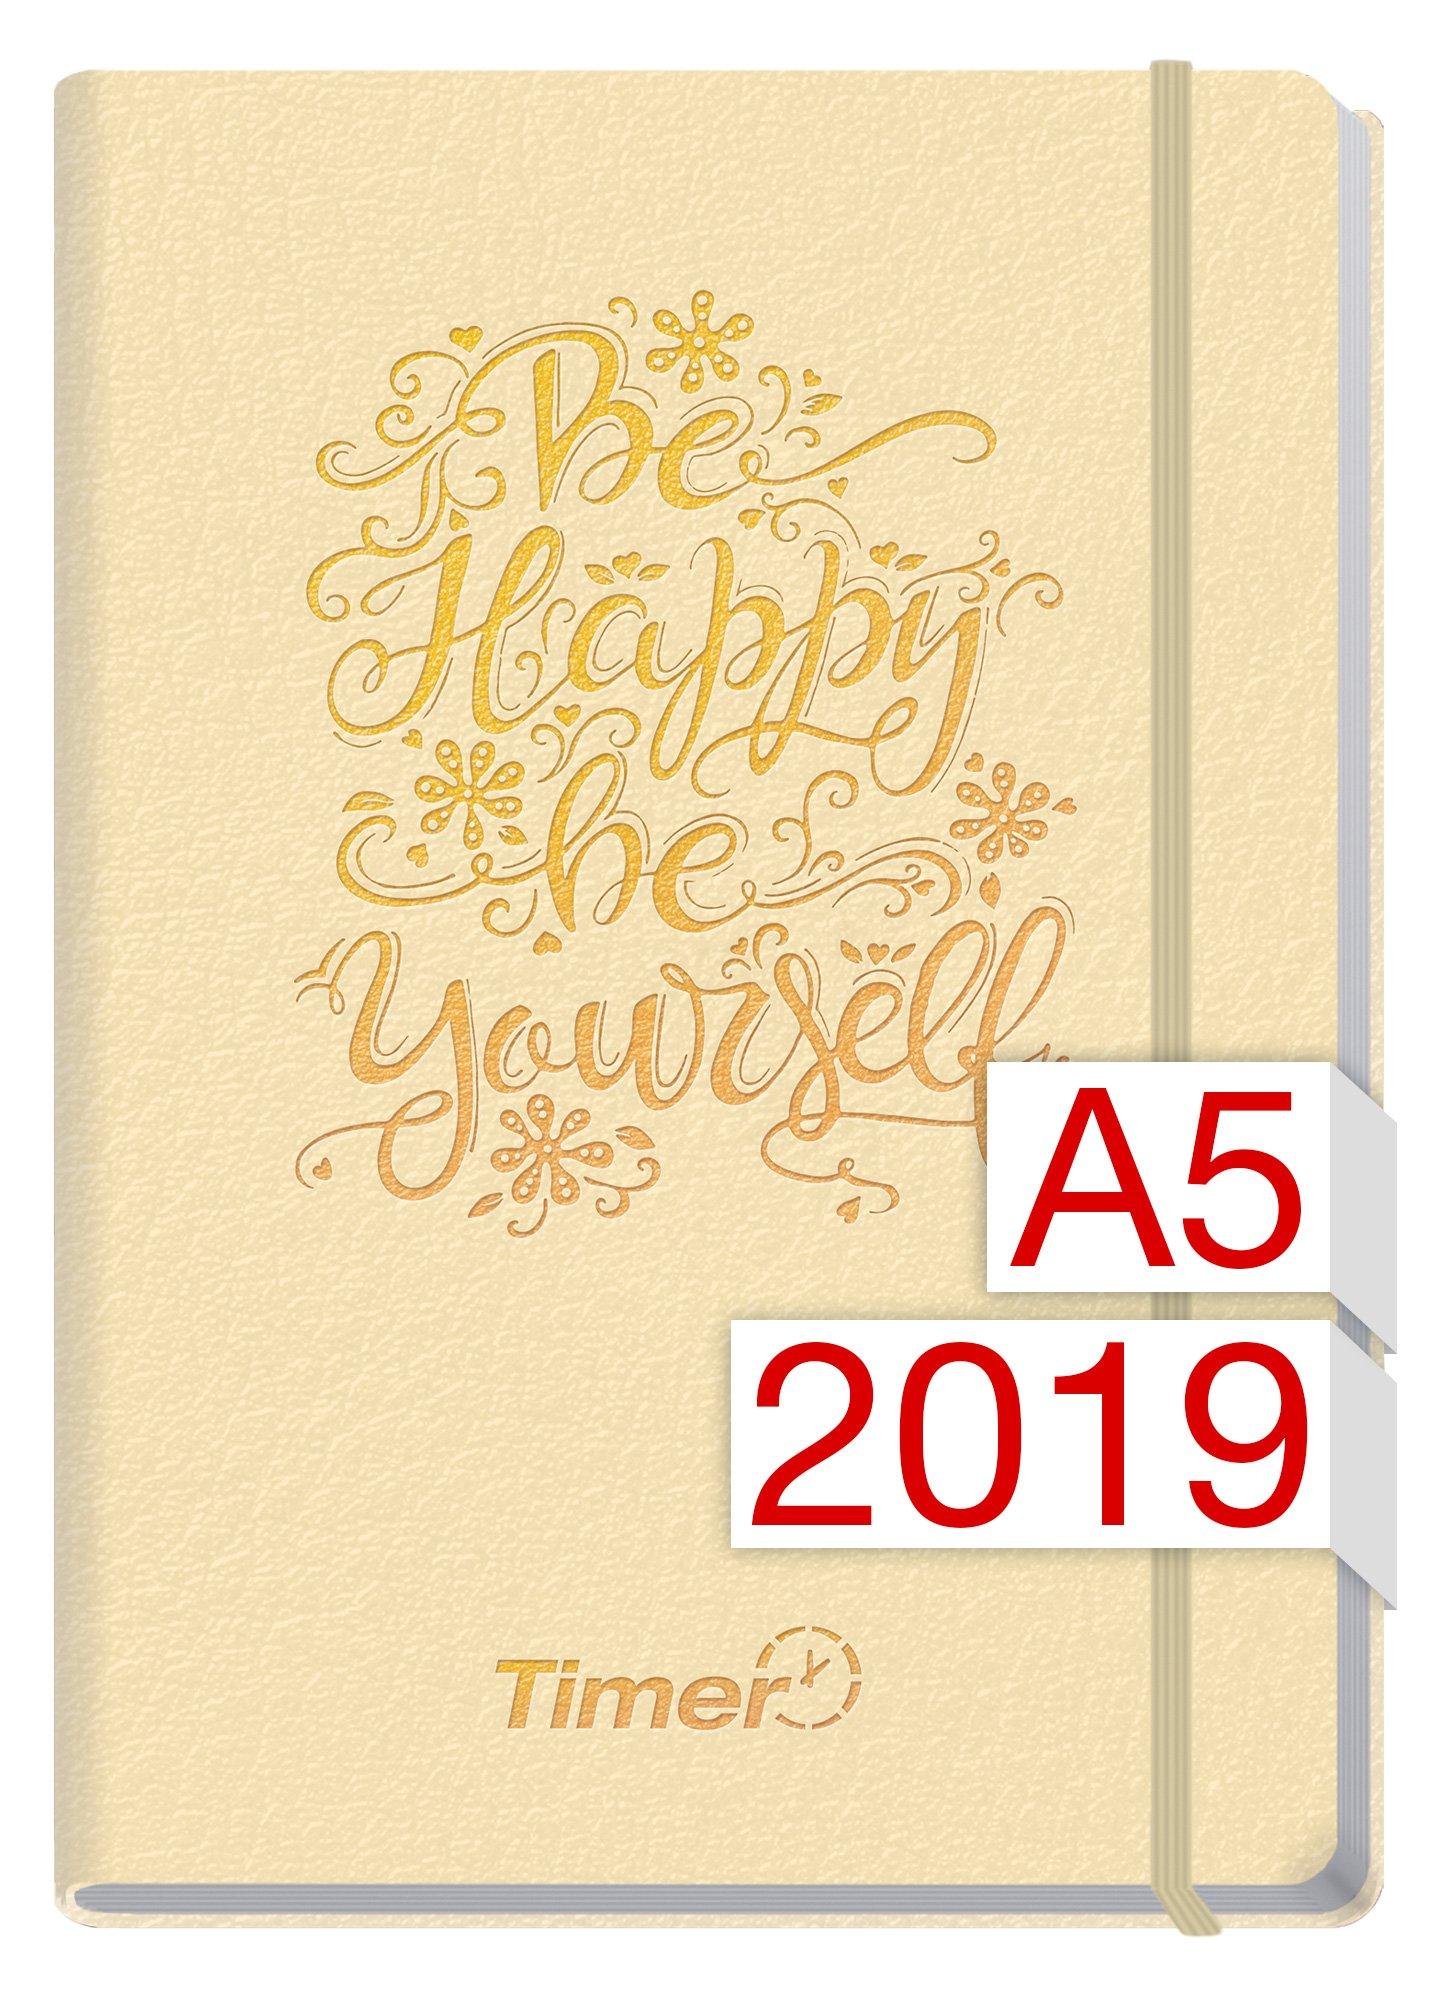 Chäff-Timer Premium A5 Kalender 2019 [Champagner] 12 Monate Jan-Dez 2019 - Gummiband, Einstecktasche - Terminkalender mit Wochenplaner - Organizer - Wochenkalender Kalender – 1. Mai 2018 Häfft Häfft-Verlag 3866794525 Buch-Kalender